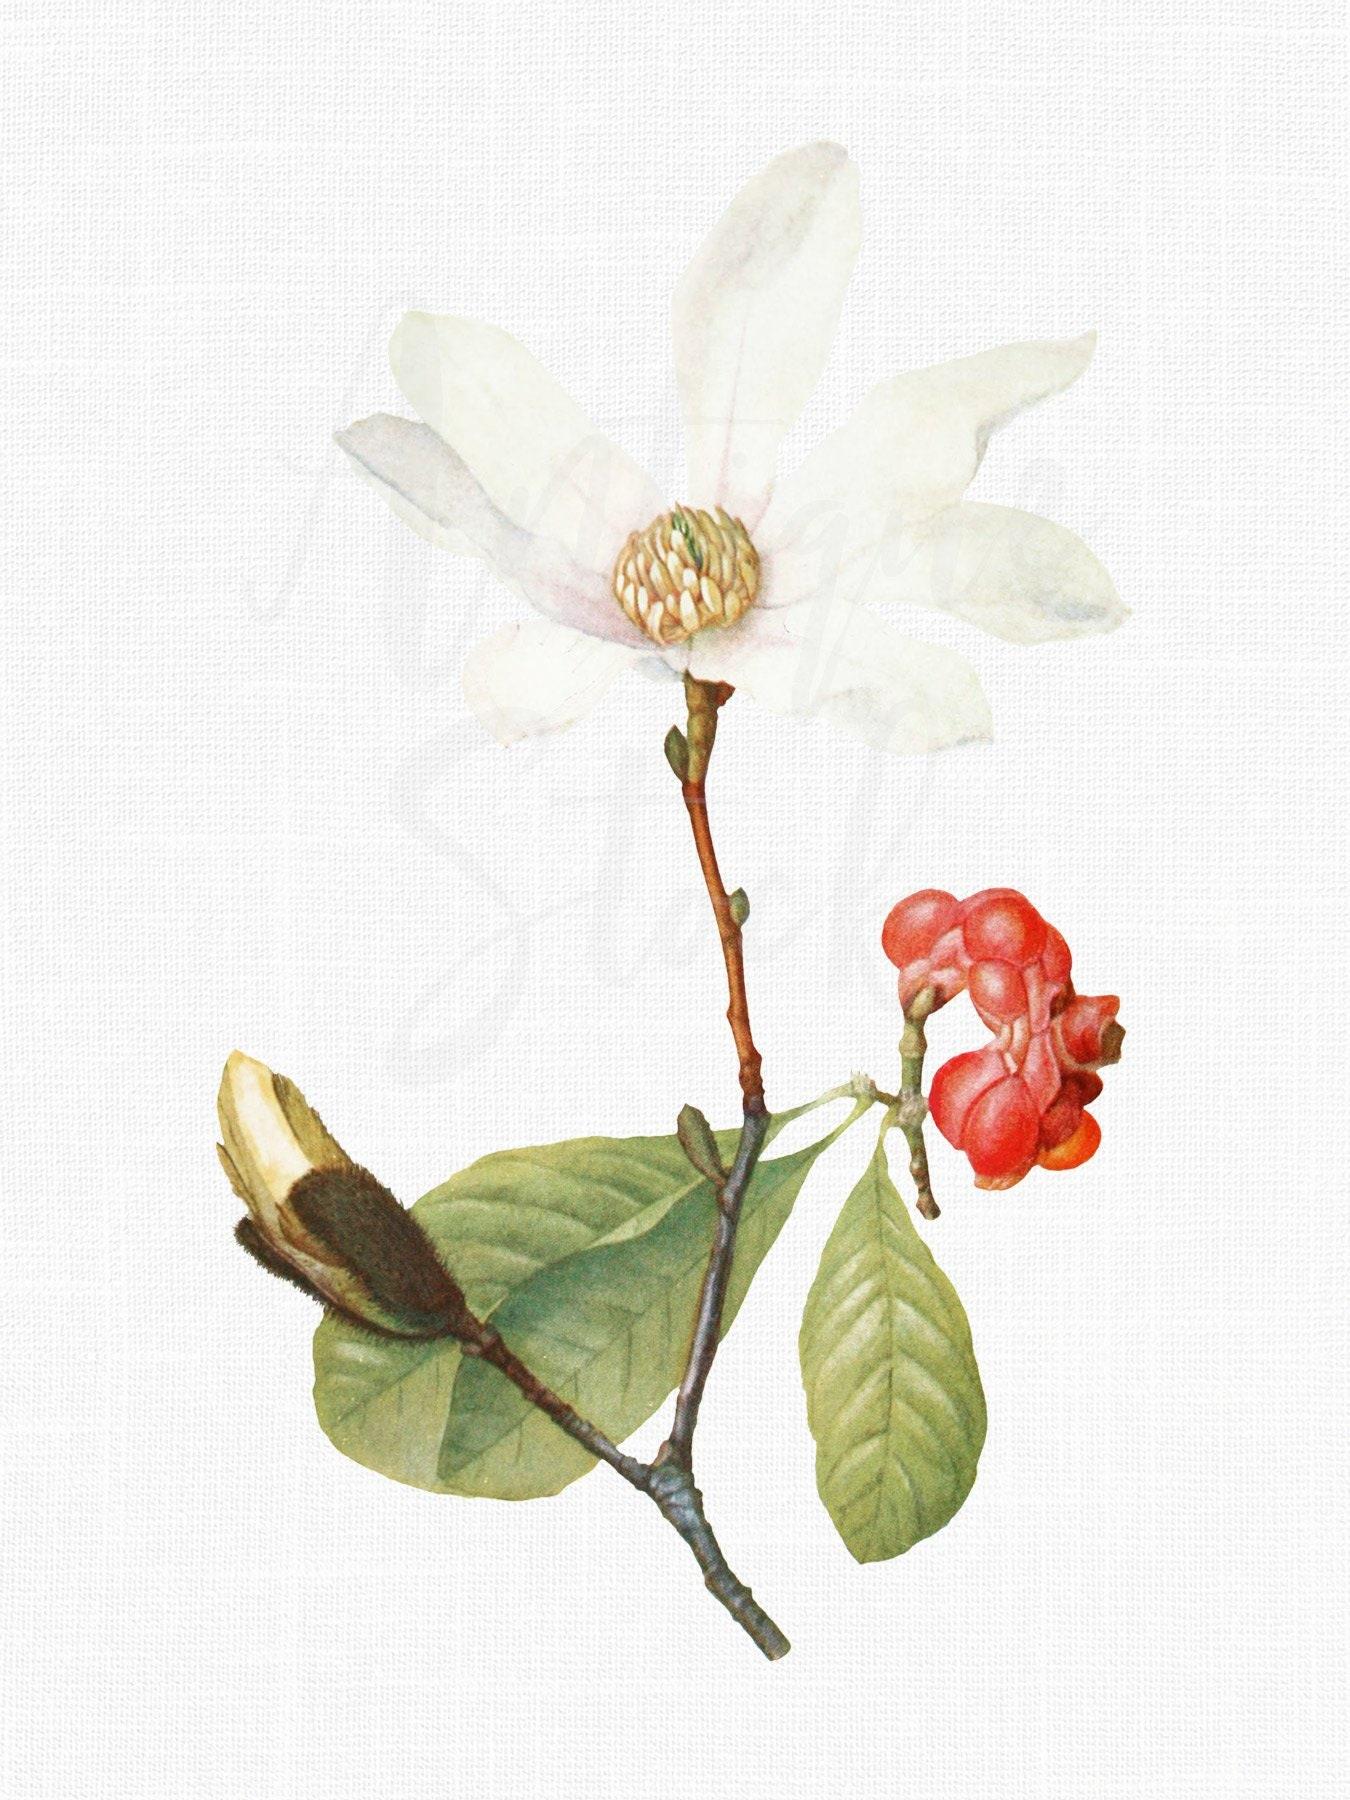 White Magnolia Flower Clipart Image Magnolia Kobus Etsy